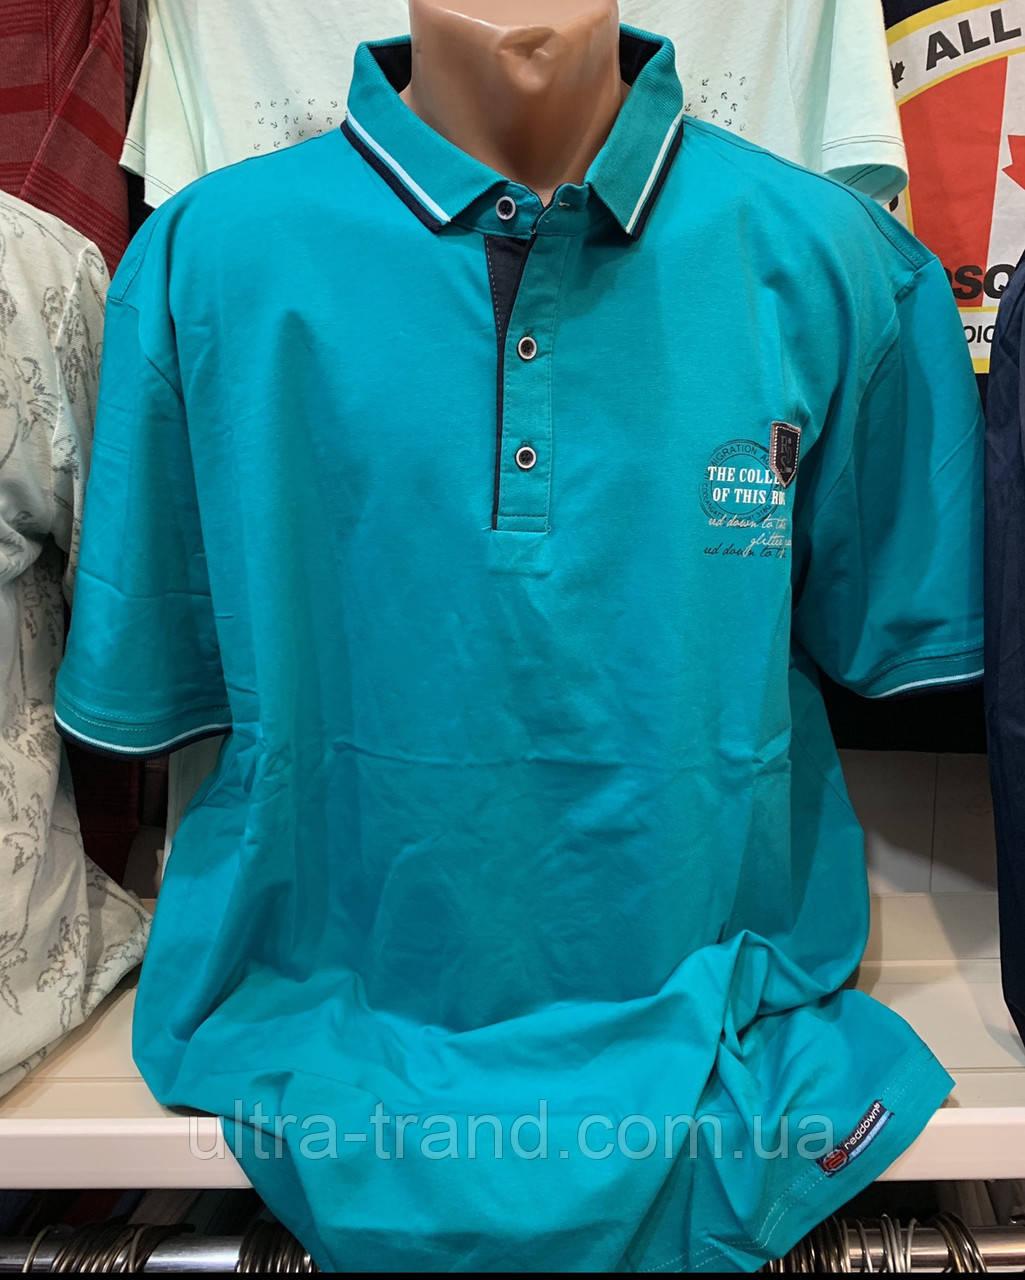 Мужские качественные хлопковые турецкие рубашки футболки больших размеров